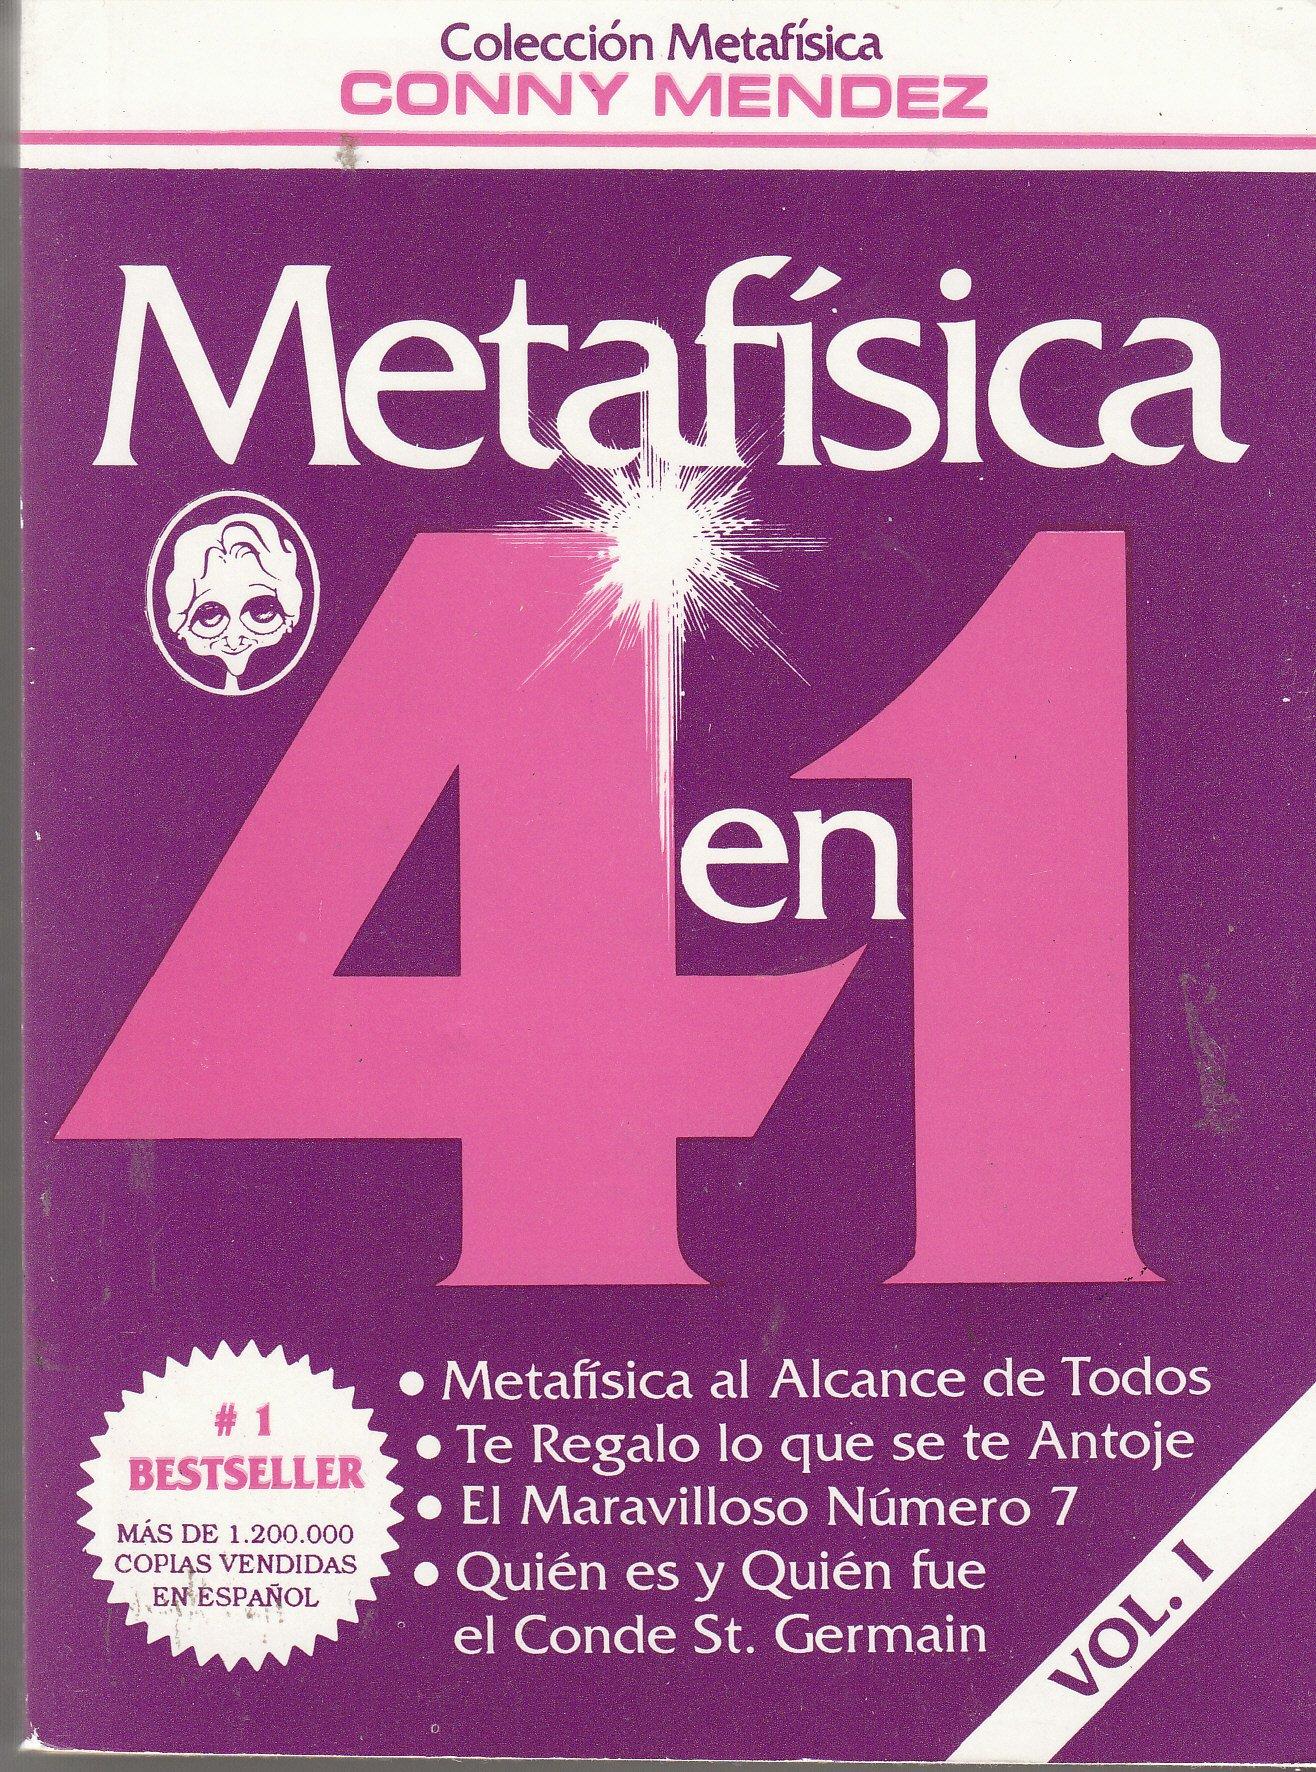 """Download Metafisica 4 en 1 (Volumen I: """"Metafisica al Alcance de Todos"""", """"Te Regalo lo que se te Antoje"""", """"El Maravilloso Némero 7"""", """"Quién es y Quién fue el Conde St. Germain"""") pdf"""